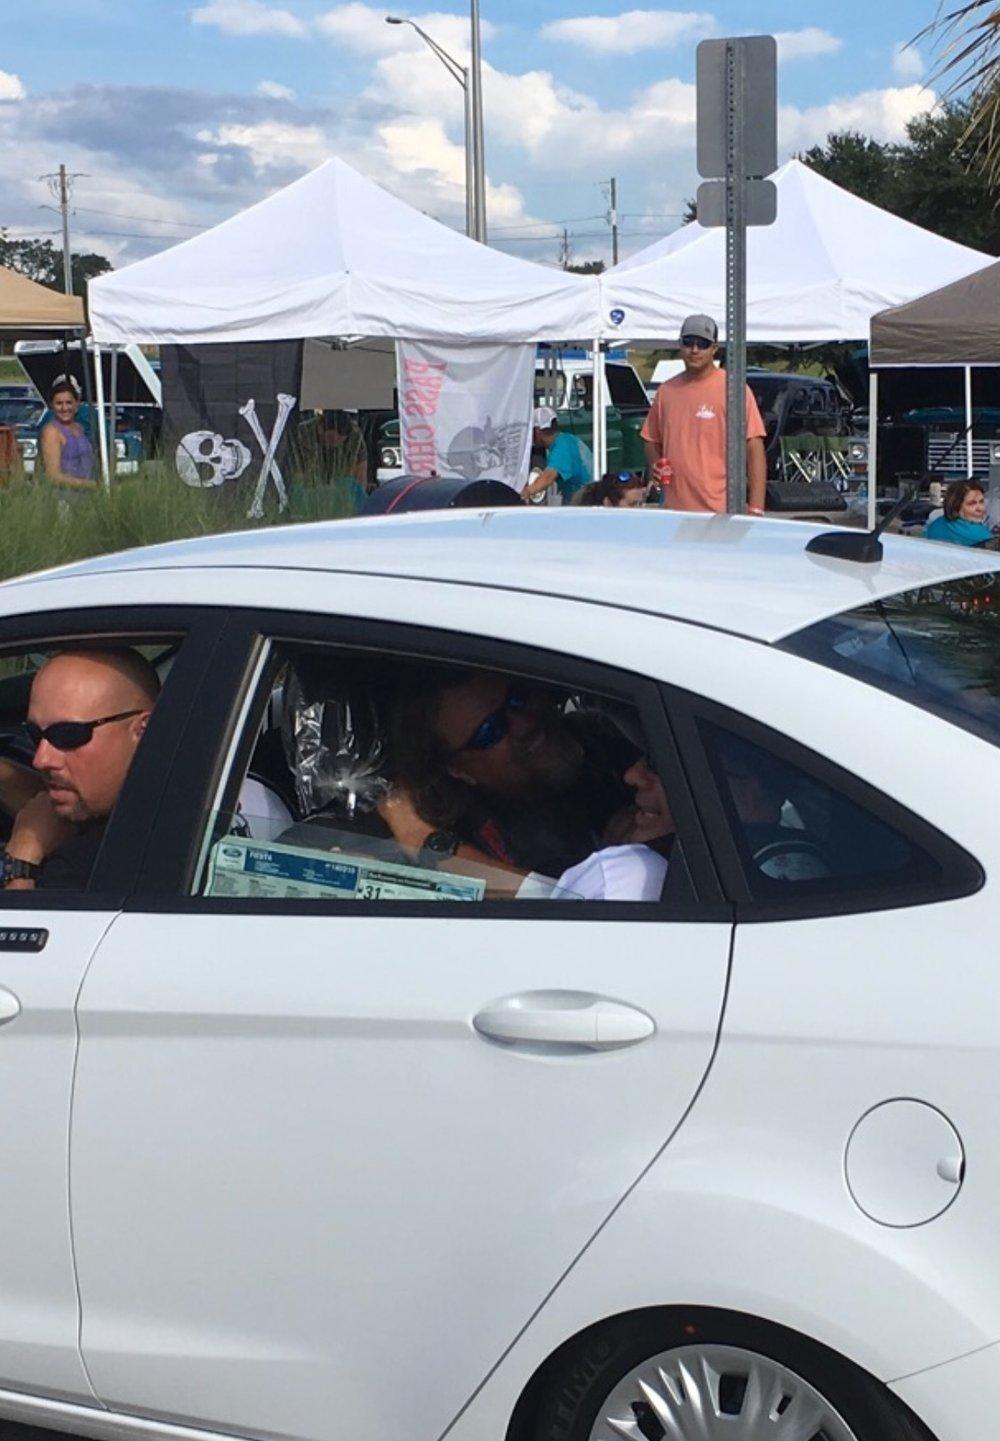 clowns in a car.jpg